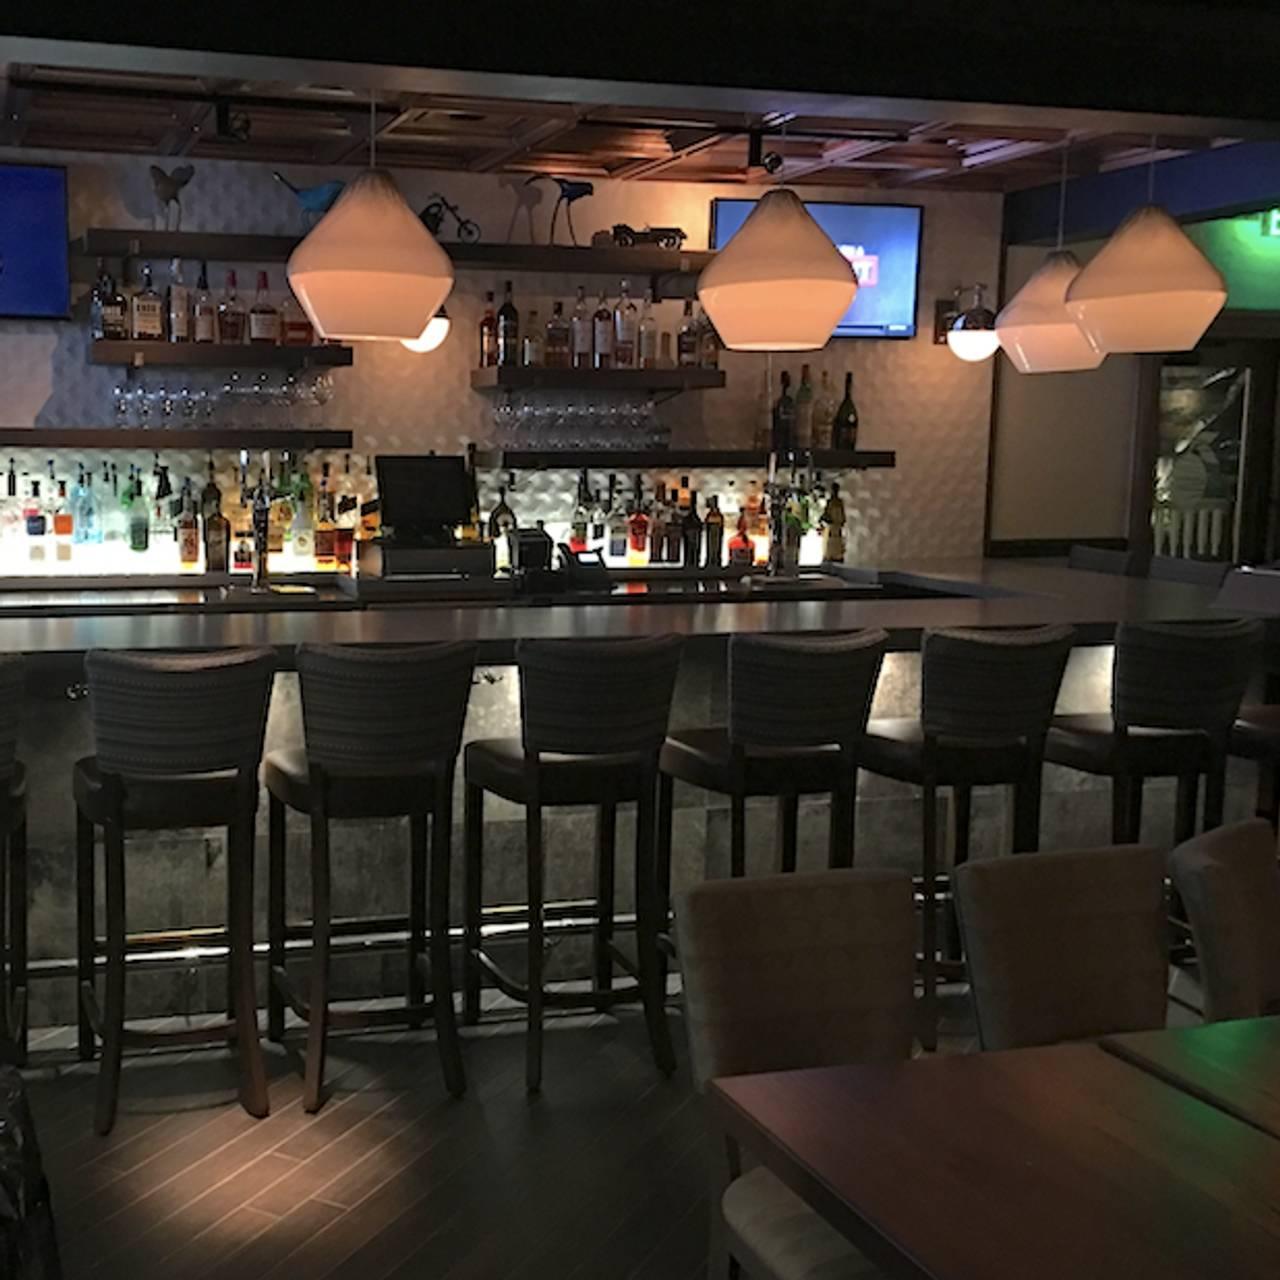 Bar Barcello North Palm Beach Fl